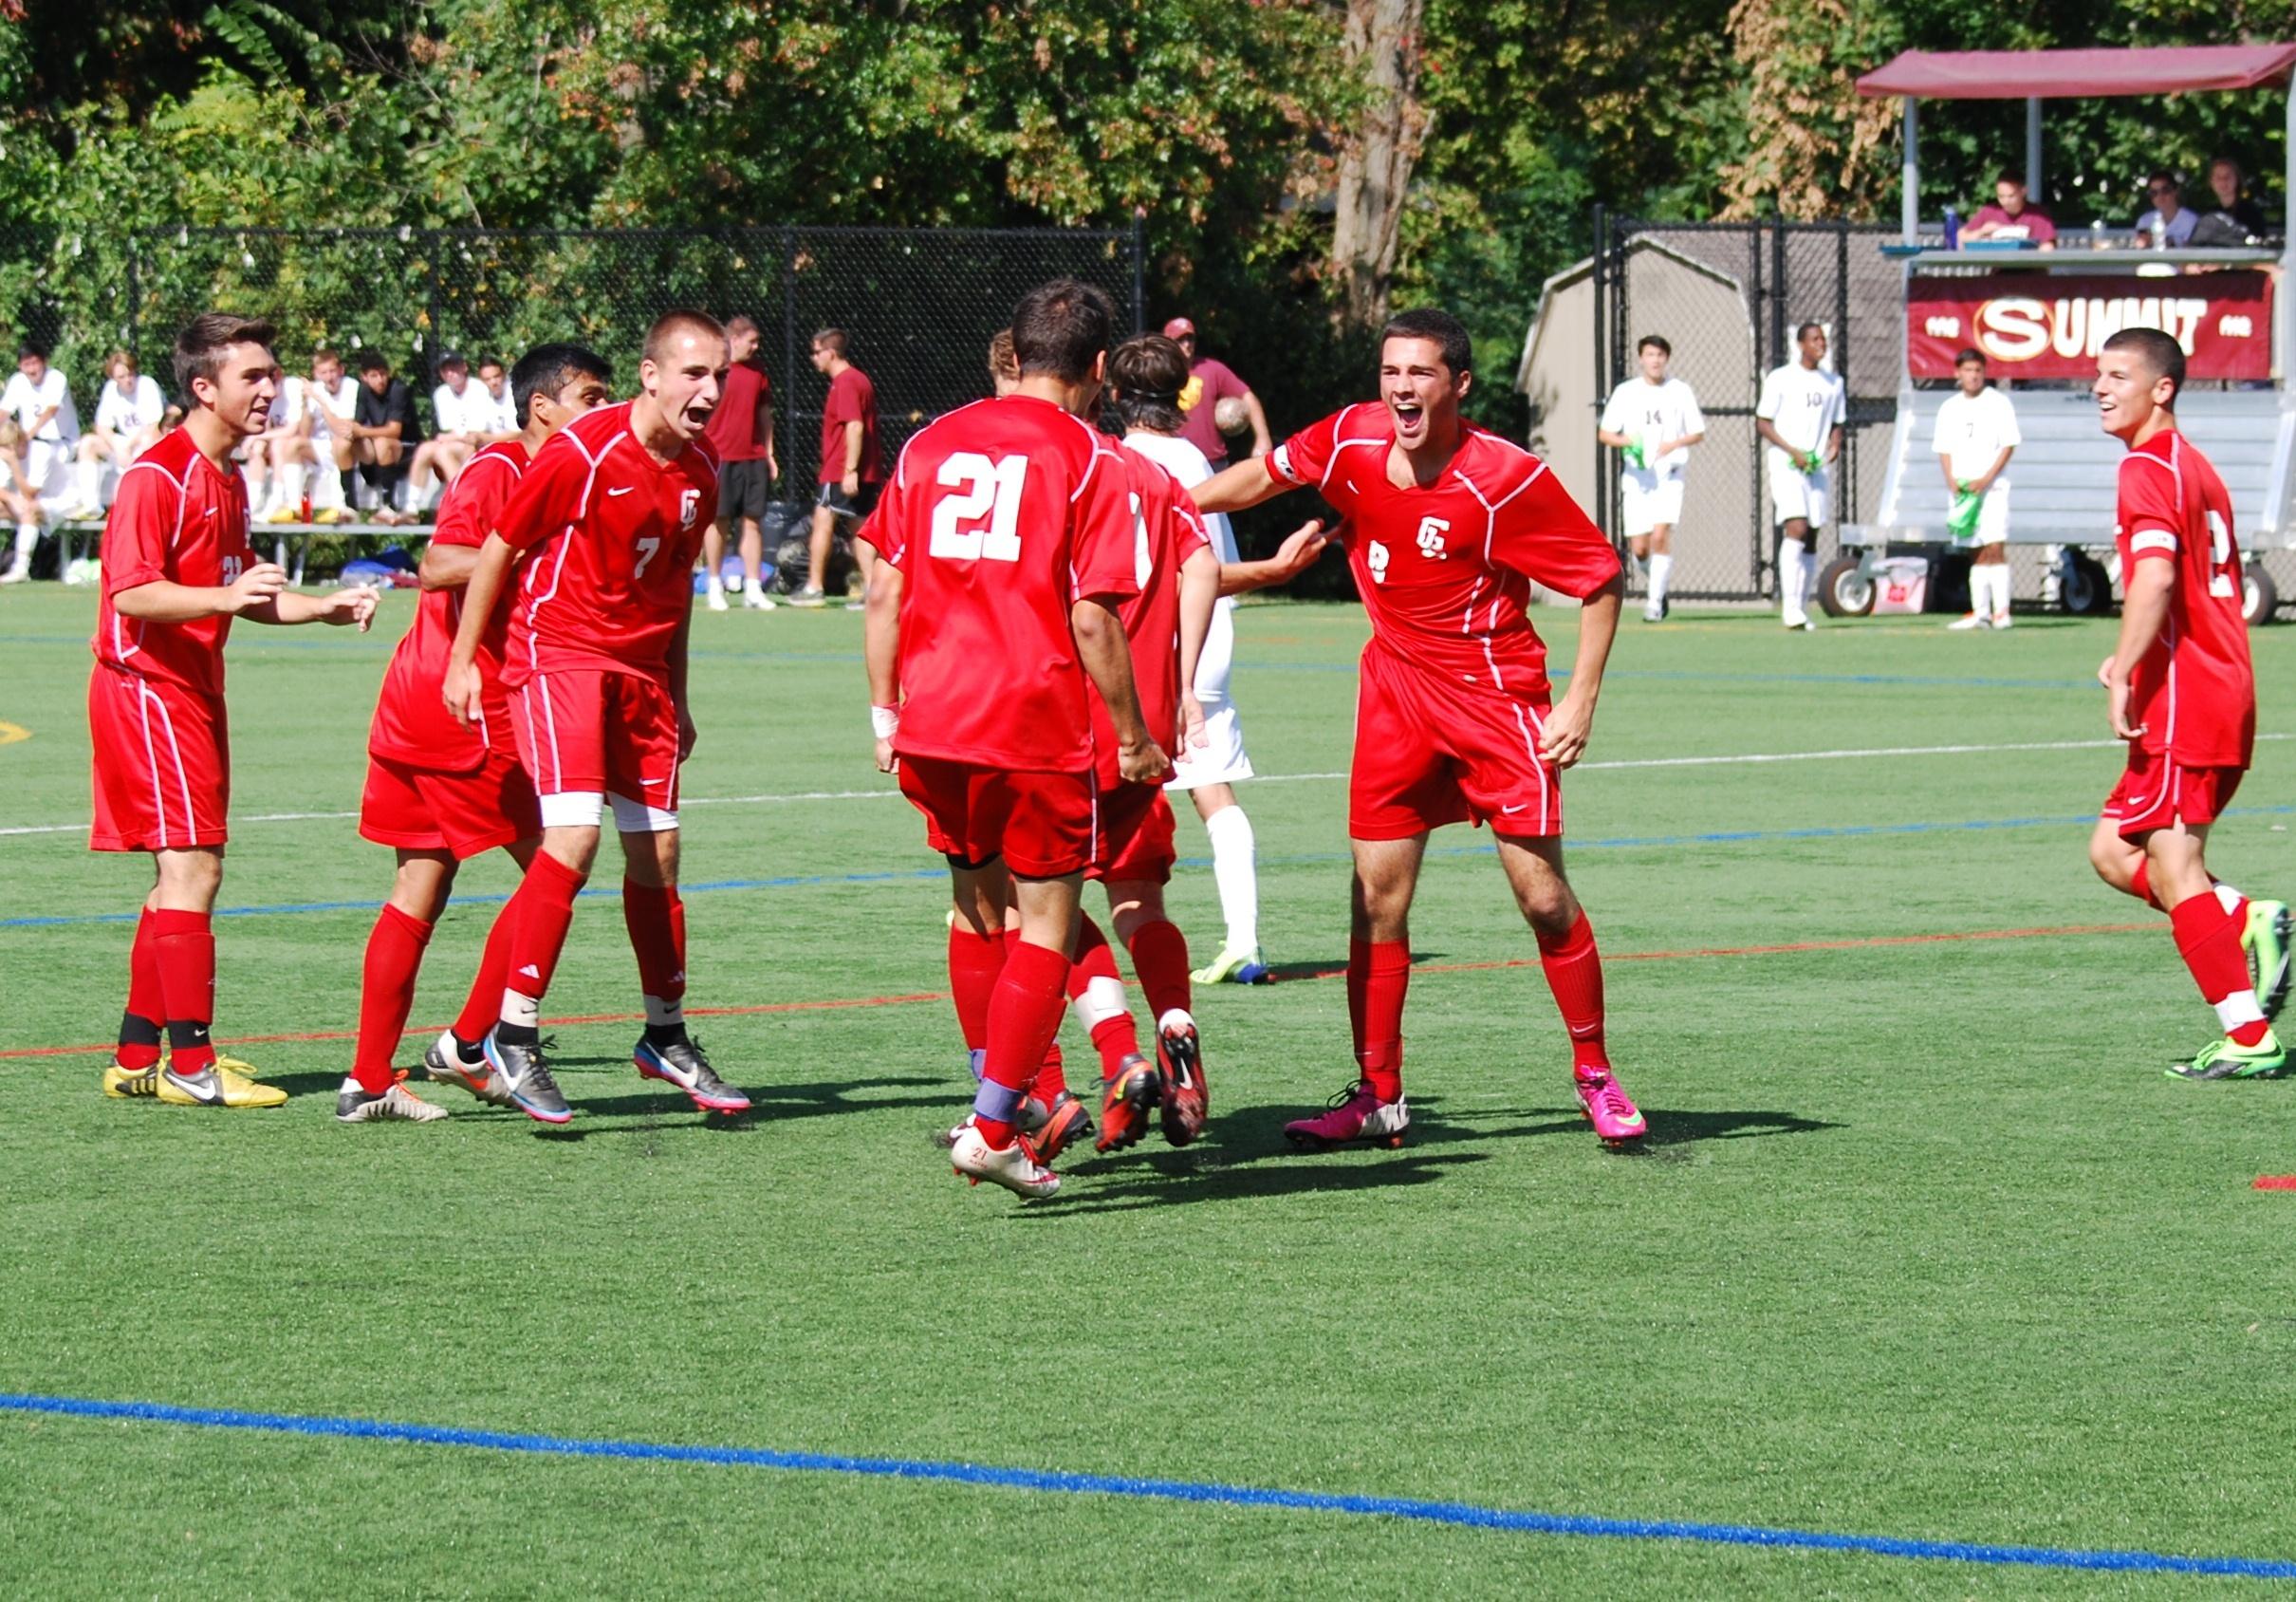 74f3bf5efec57ec749a1_2013_boys_soccer_varsity_marzo_header_goal_6.jpg